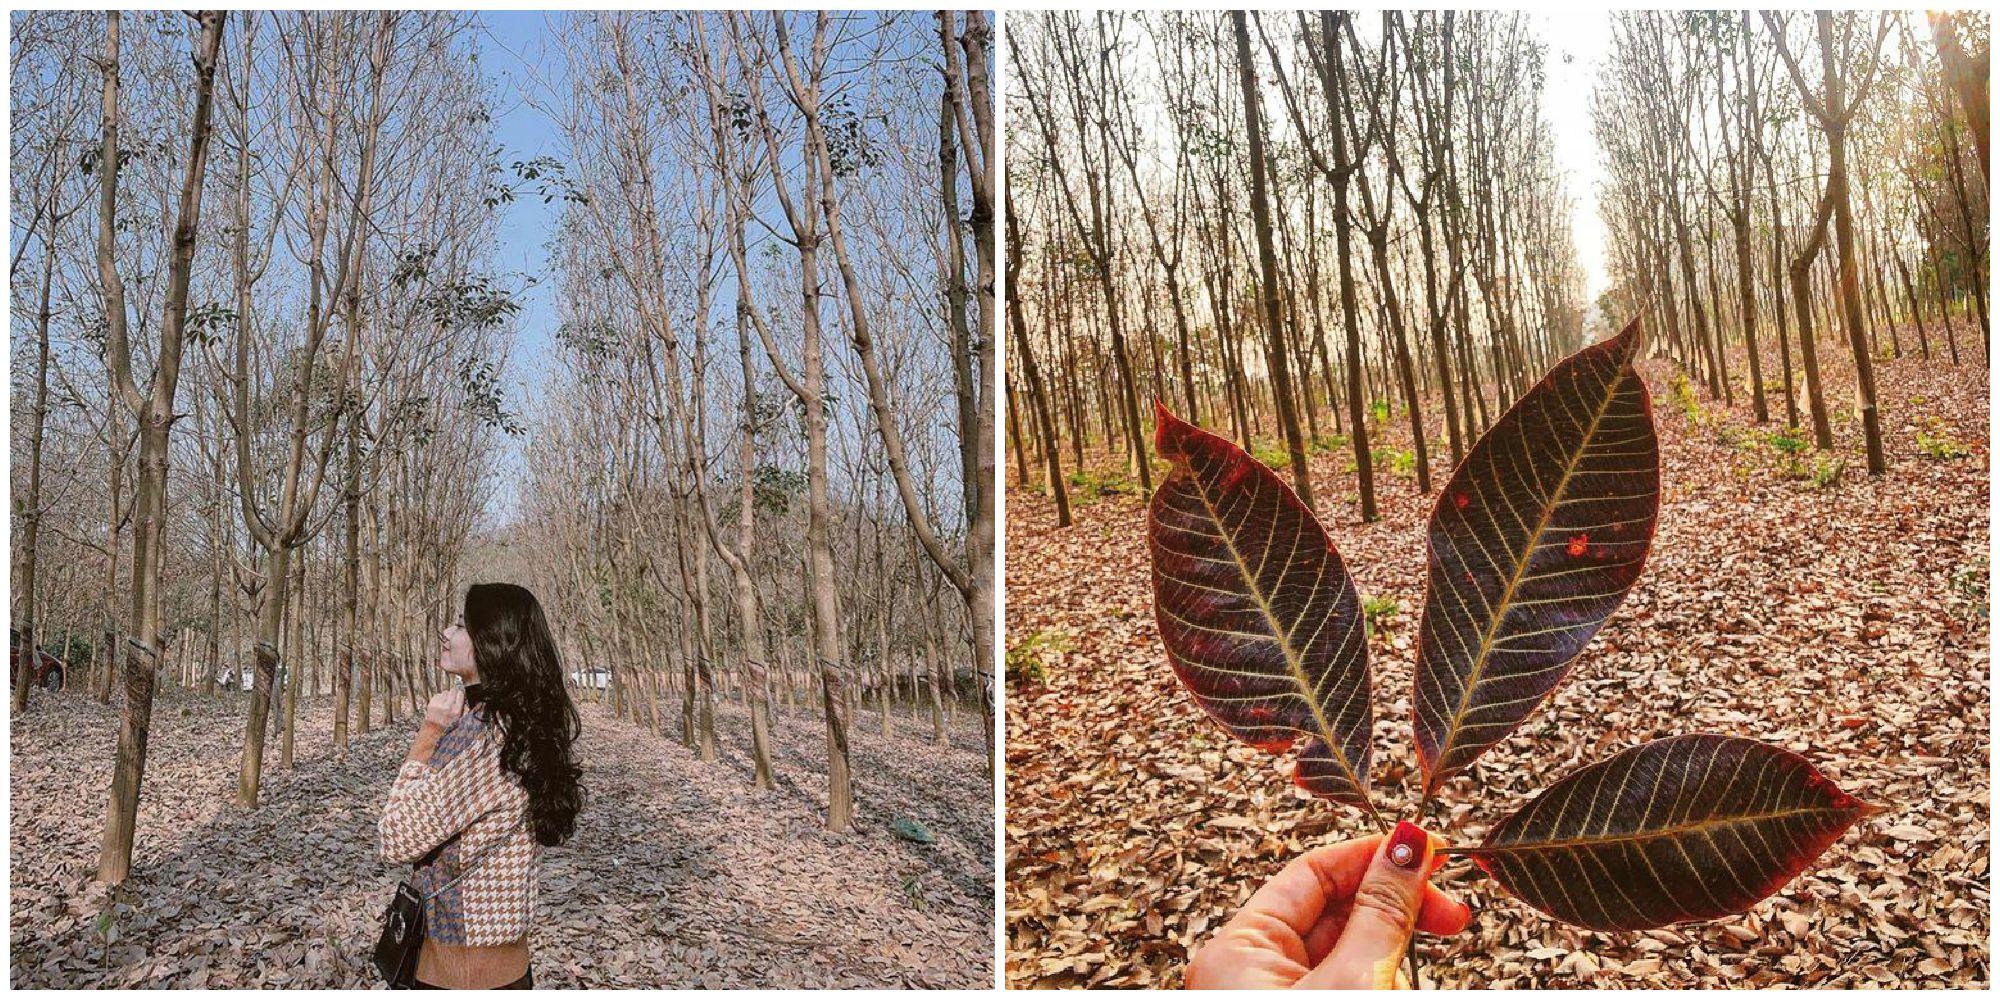 Đứng ngồi không yên trước rừng cao su mùa thay lá đẹp tựa phim Hàn Quốc ở Sơn La